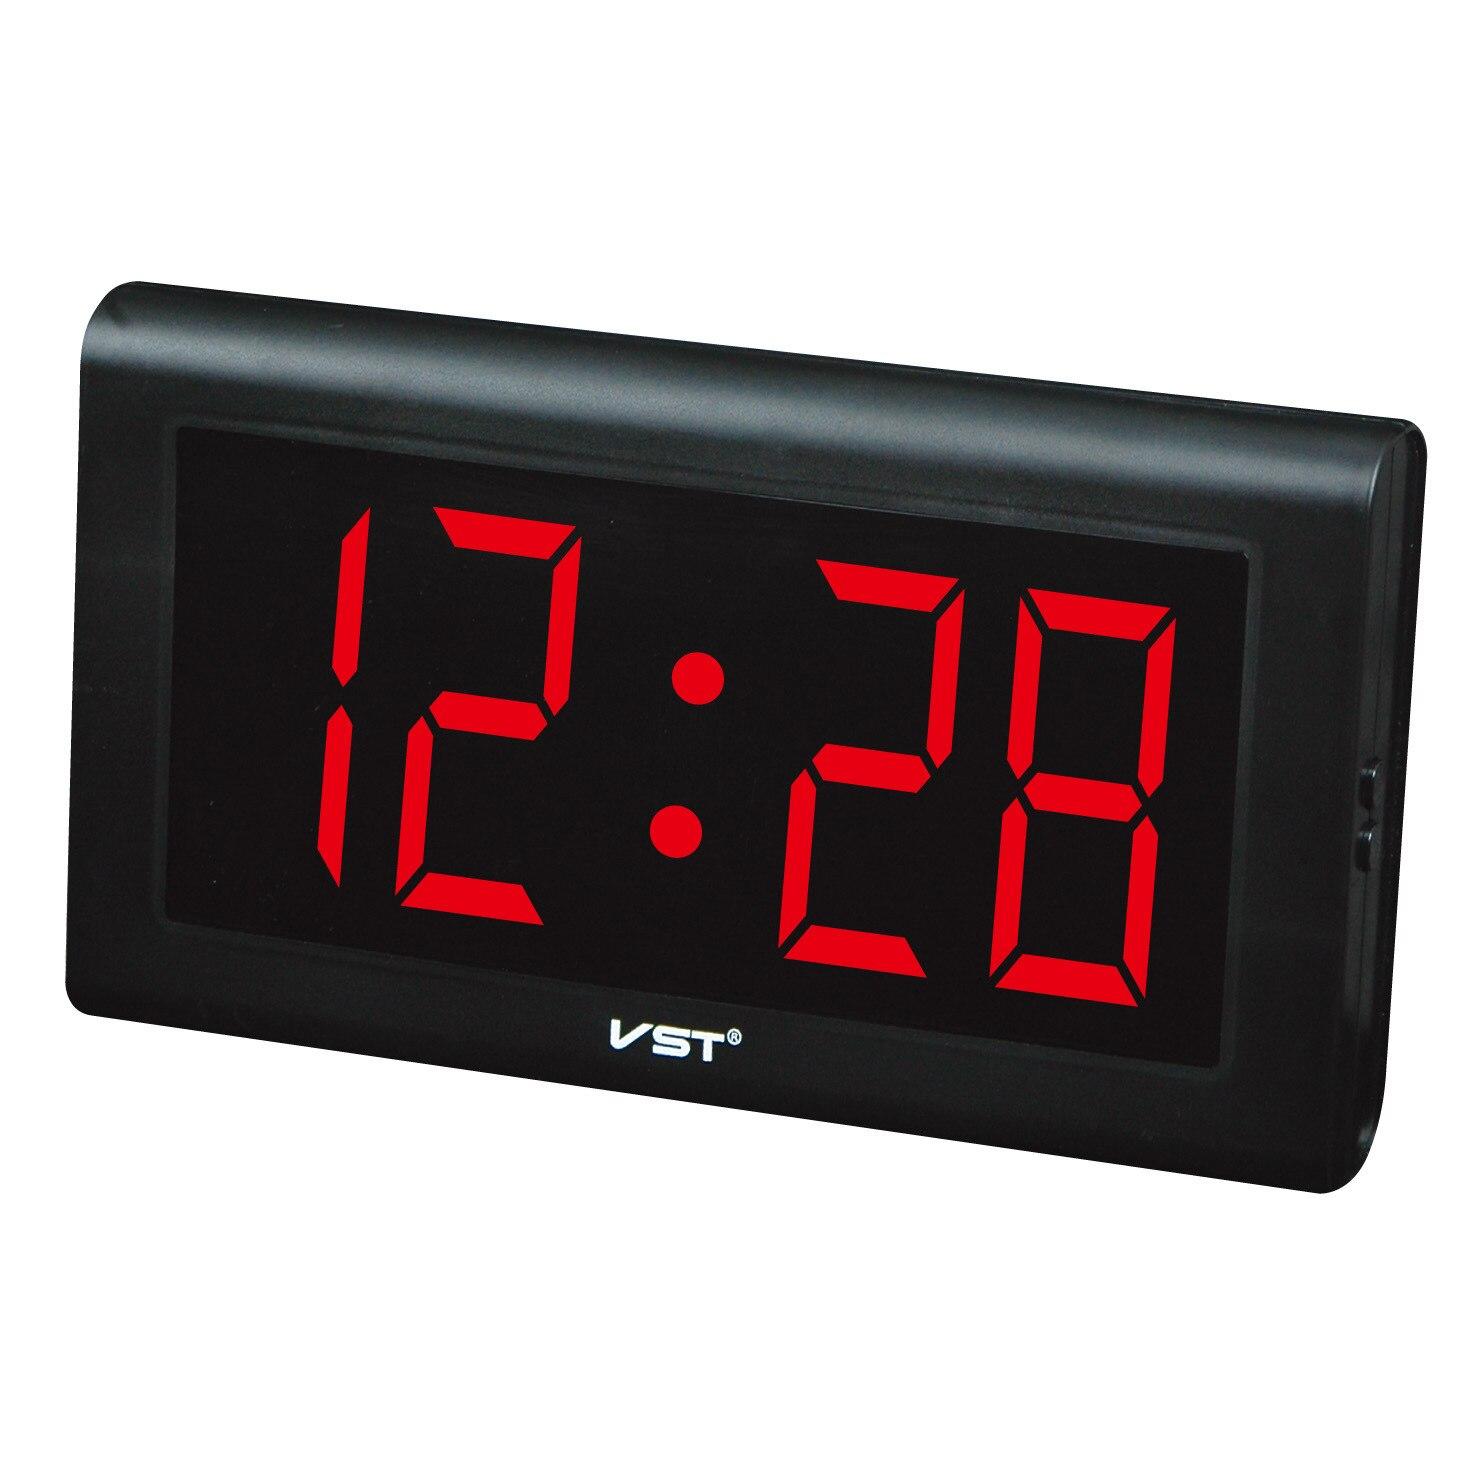 Horloge murale chiffres lumineux avec prise horloge lumineuse grand affichage horloges numériques horloge de Table en plastique moderne LED numérique